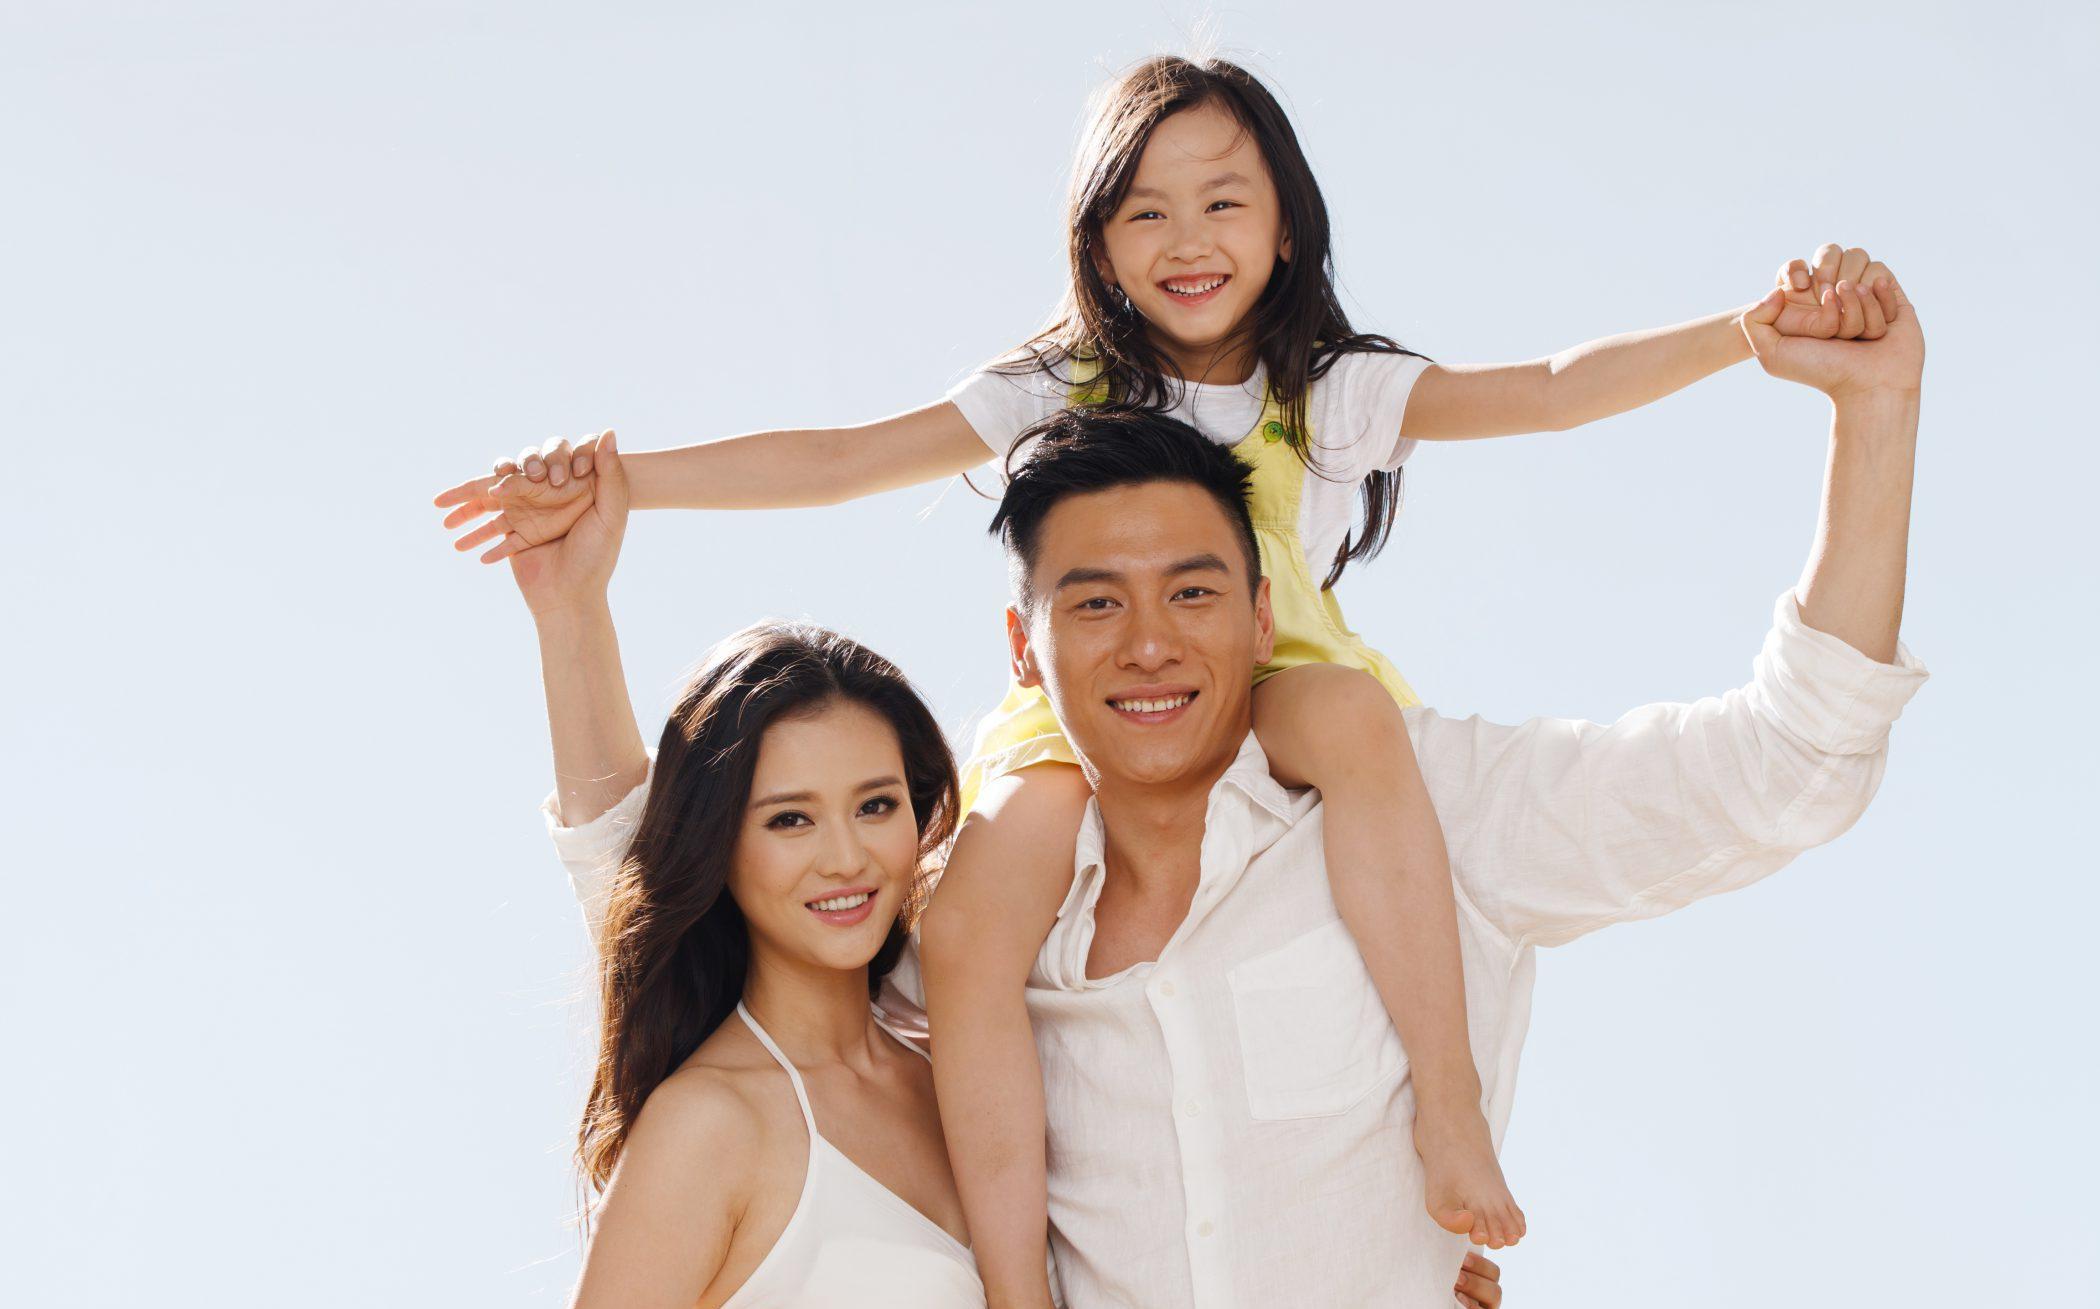 ส่วนสำคัญ ในการดูแลลูกคือ ความเข้าใจของพ่อแม่ ครอบครัวถึงจะมีความสุข